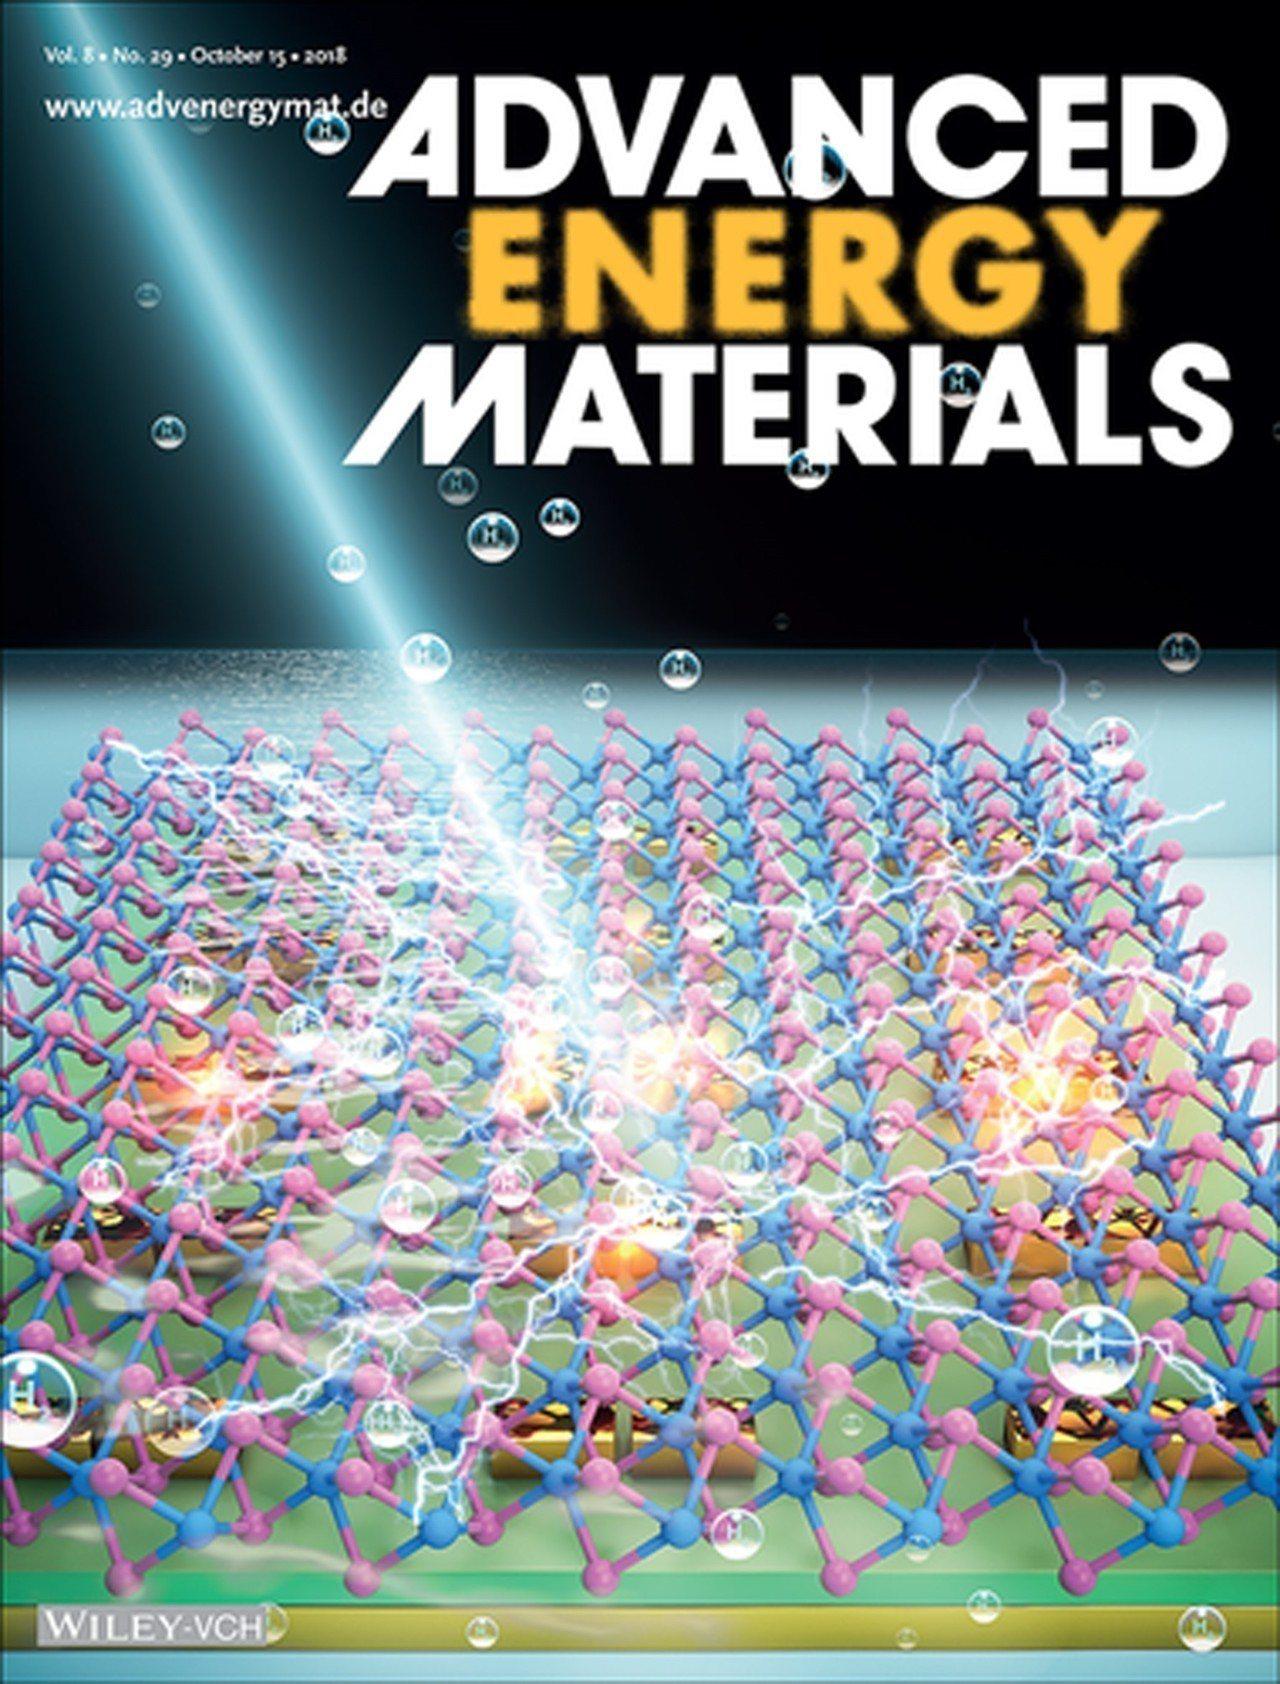 清華材料所嚴大任教授團 隊用「奈米天線」找出更高效率產氫的方法,登上國際頂尖能源...